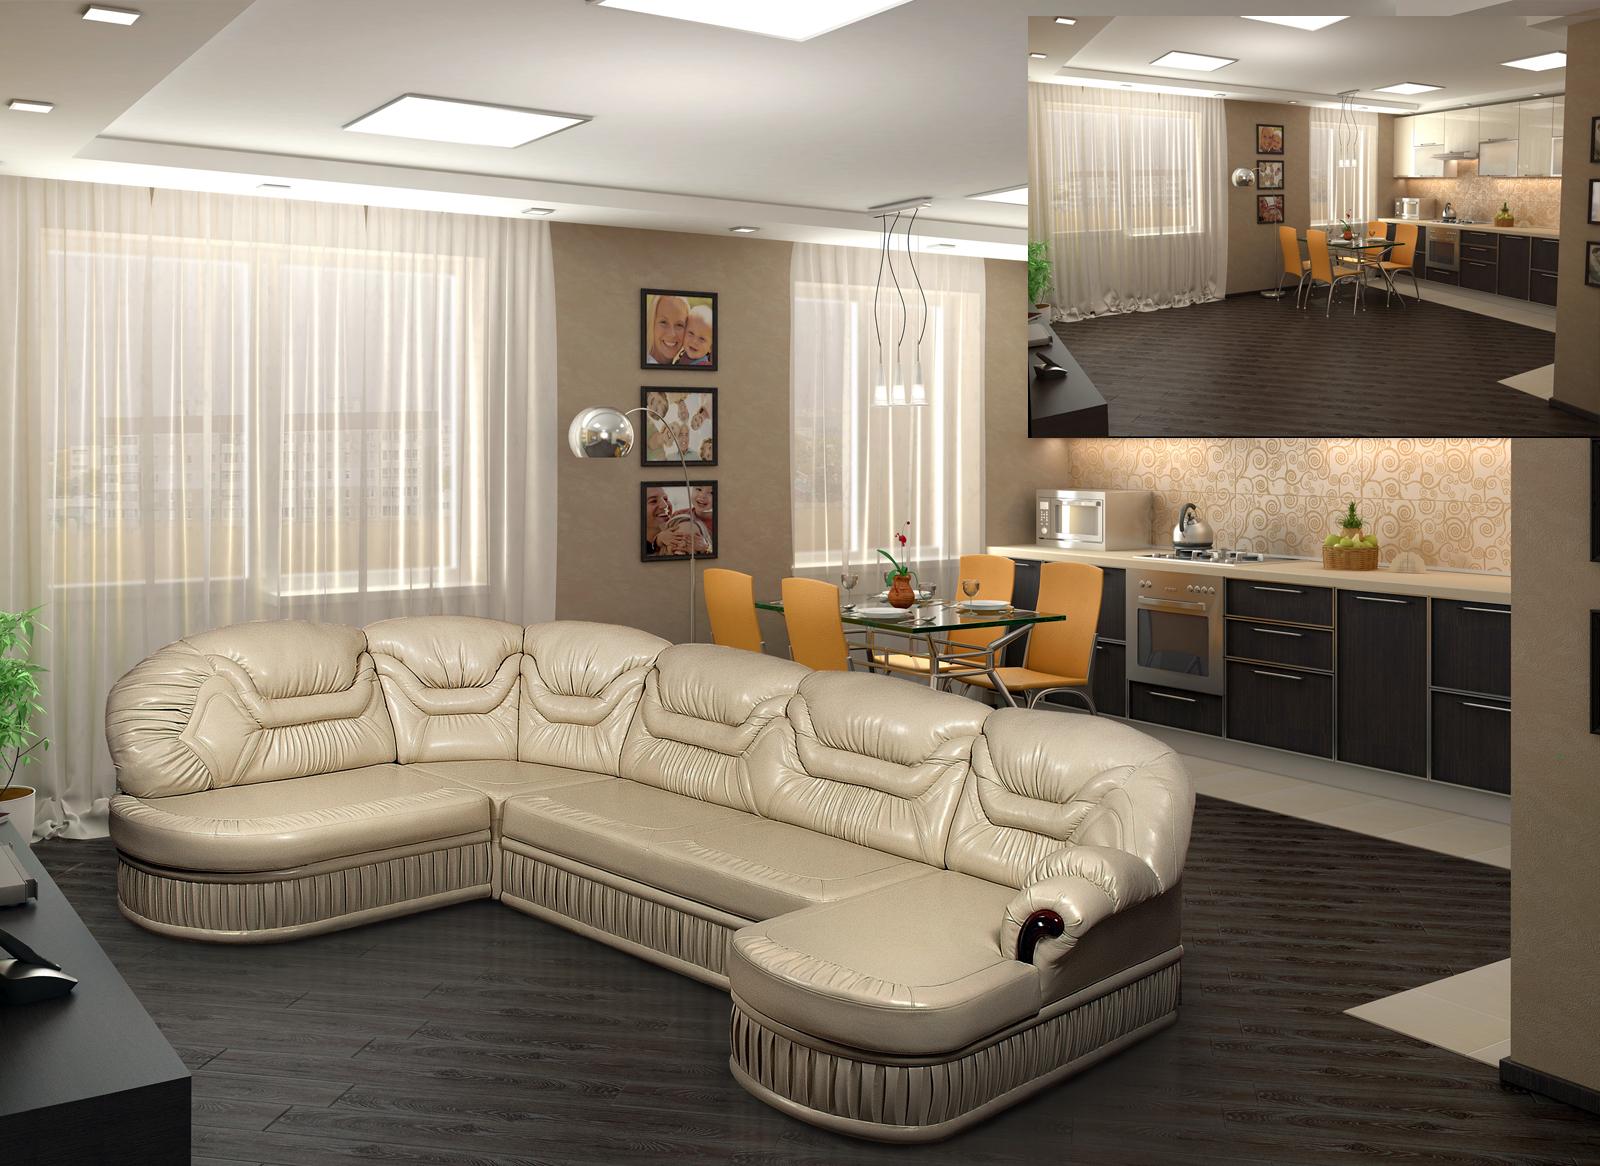 Вставка реального дивана в 3d интерьер